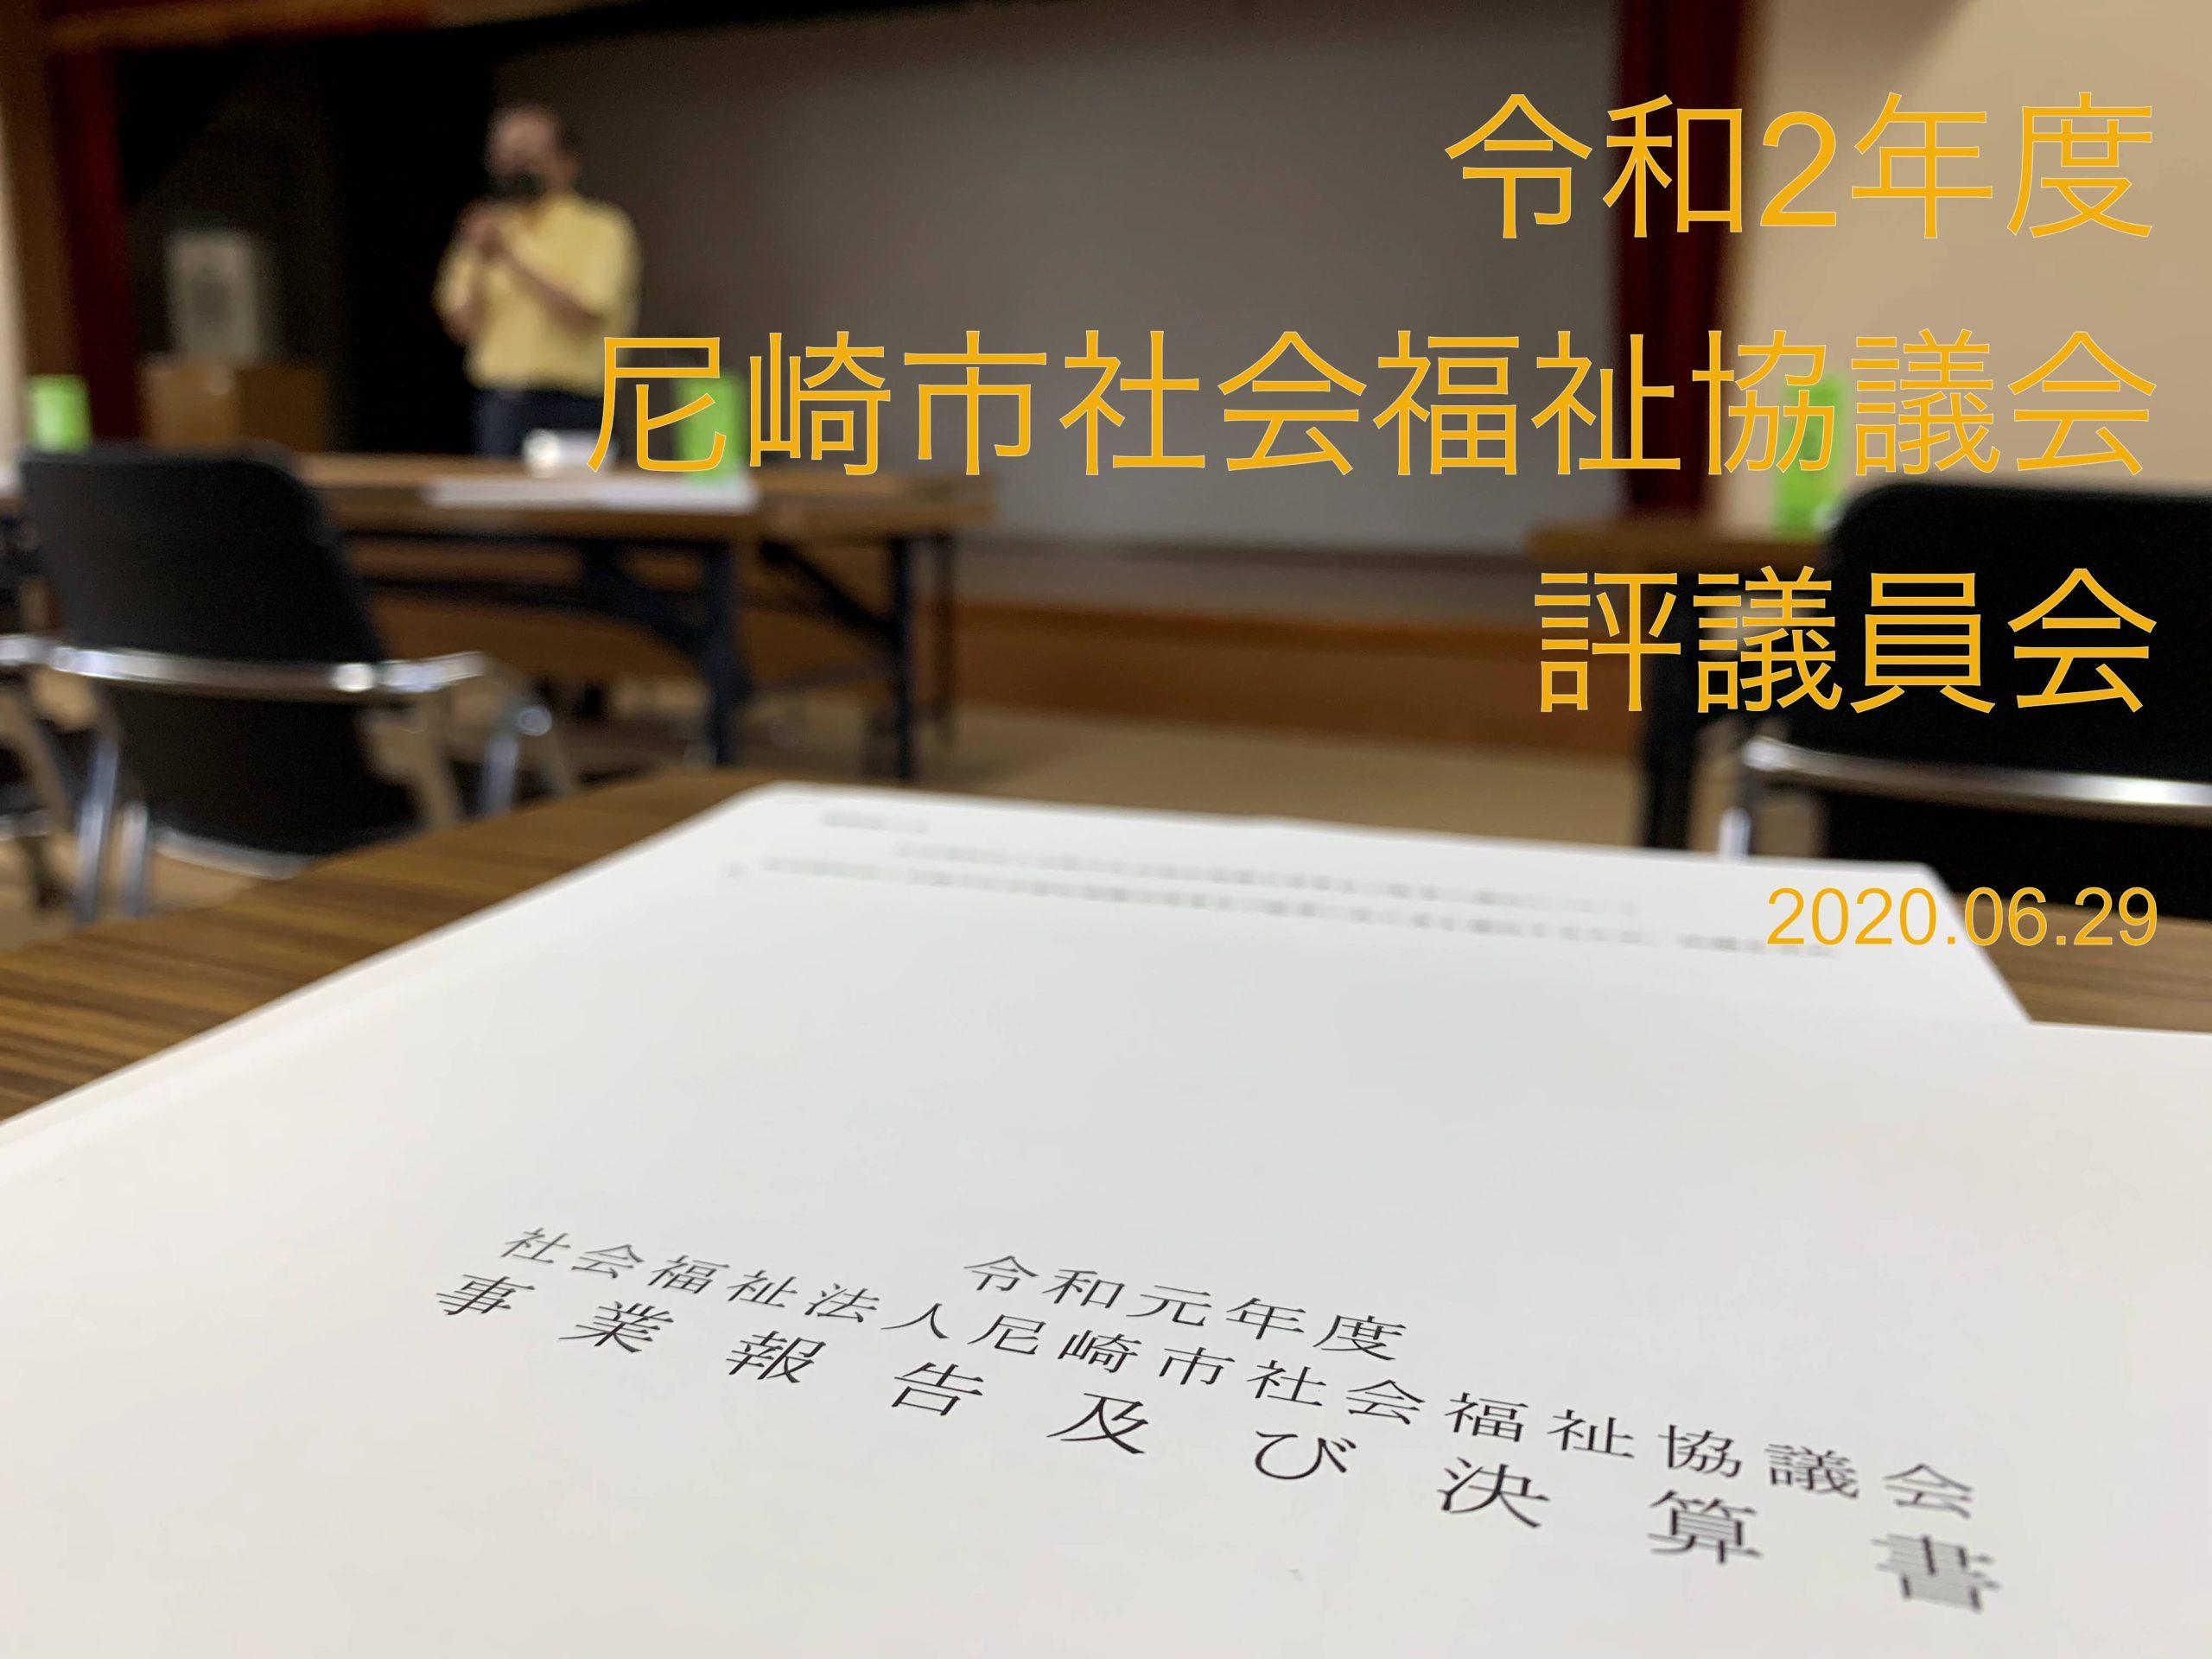 令和2年度 尼崎市社会福祉協議会 評議員会 (2020/06/29)